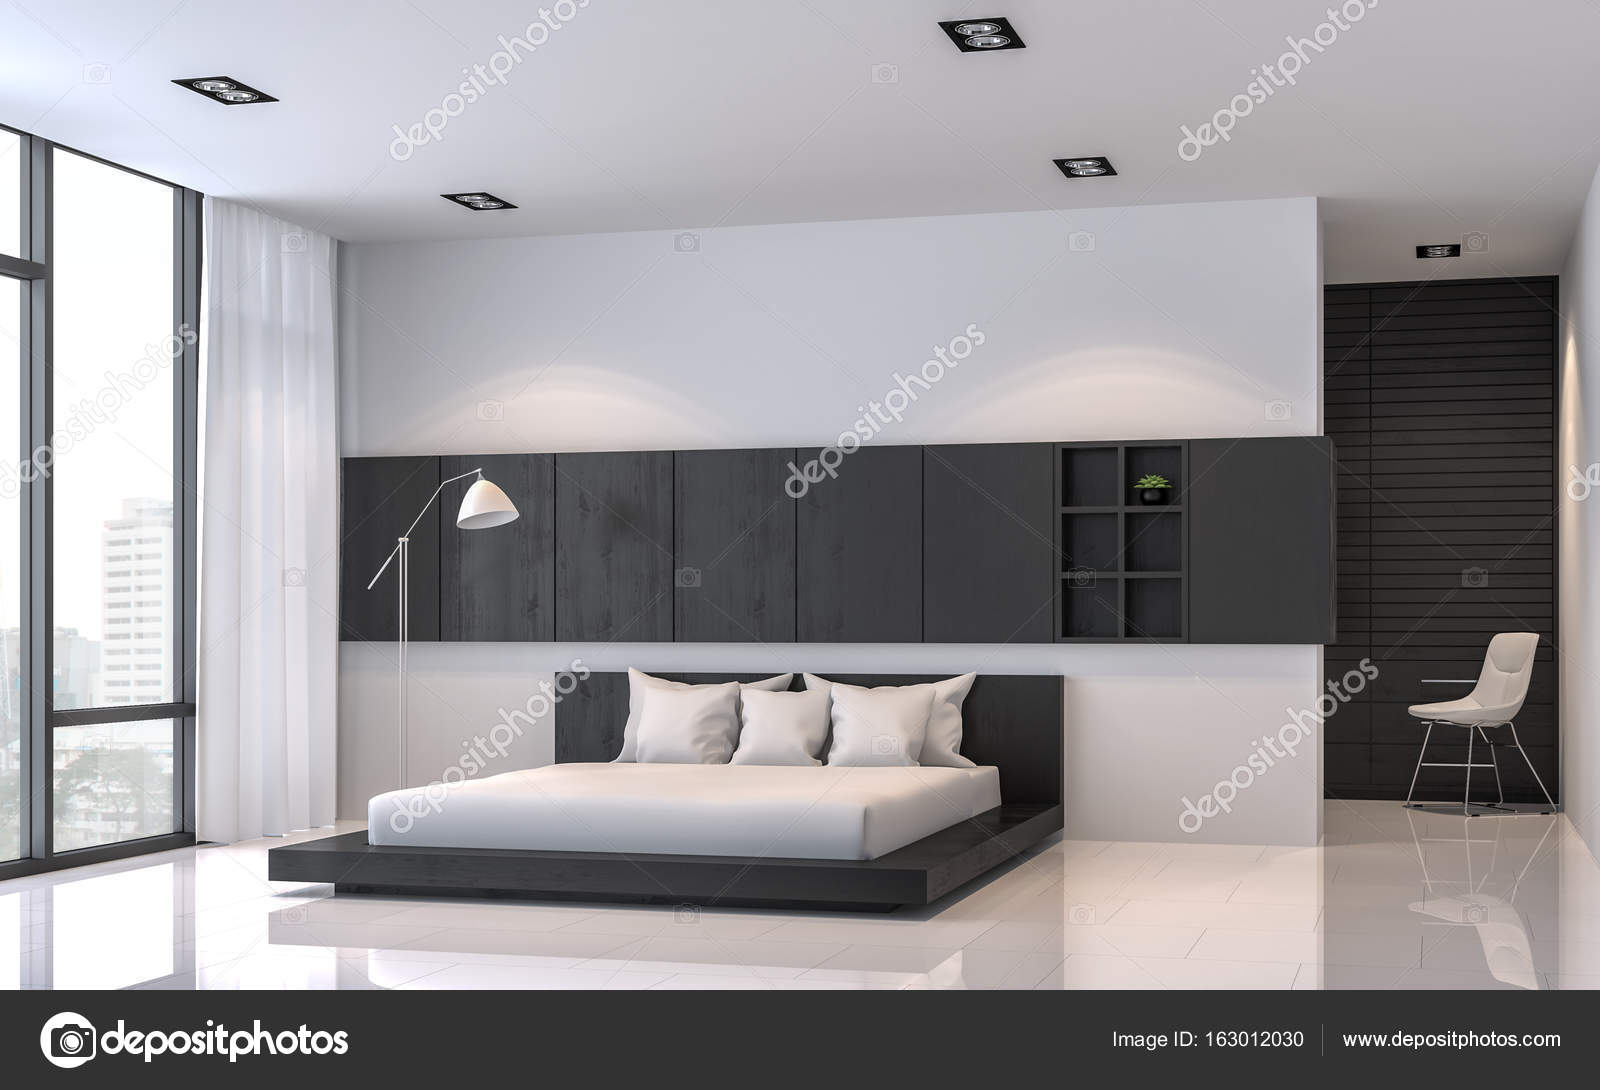 Nowoczesna Sypialnia Czarno Białe Wnętrze Minimalistycznym